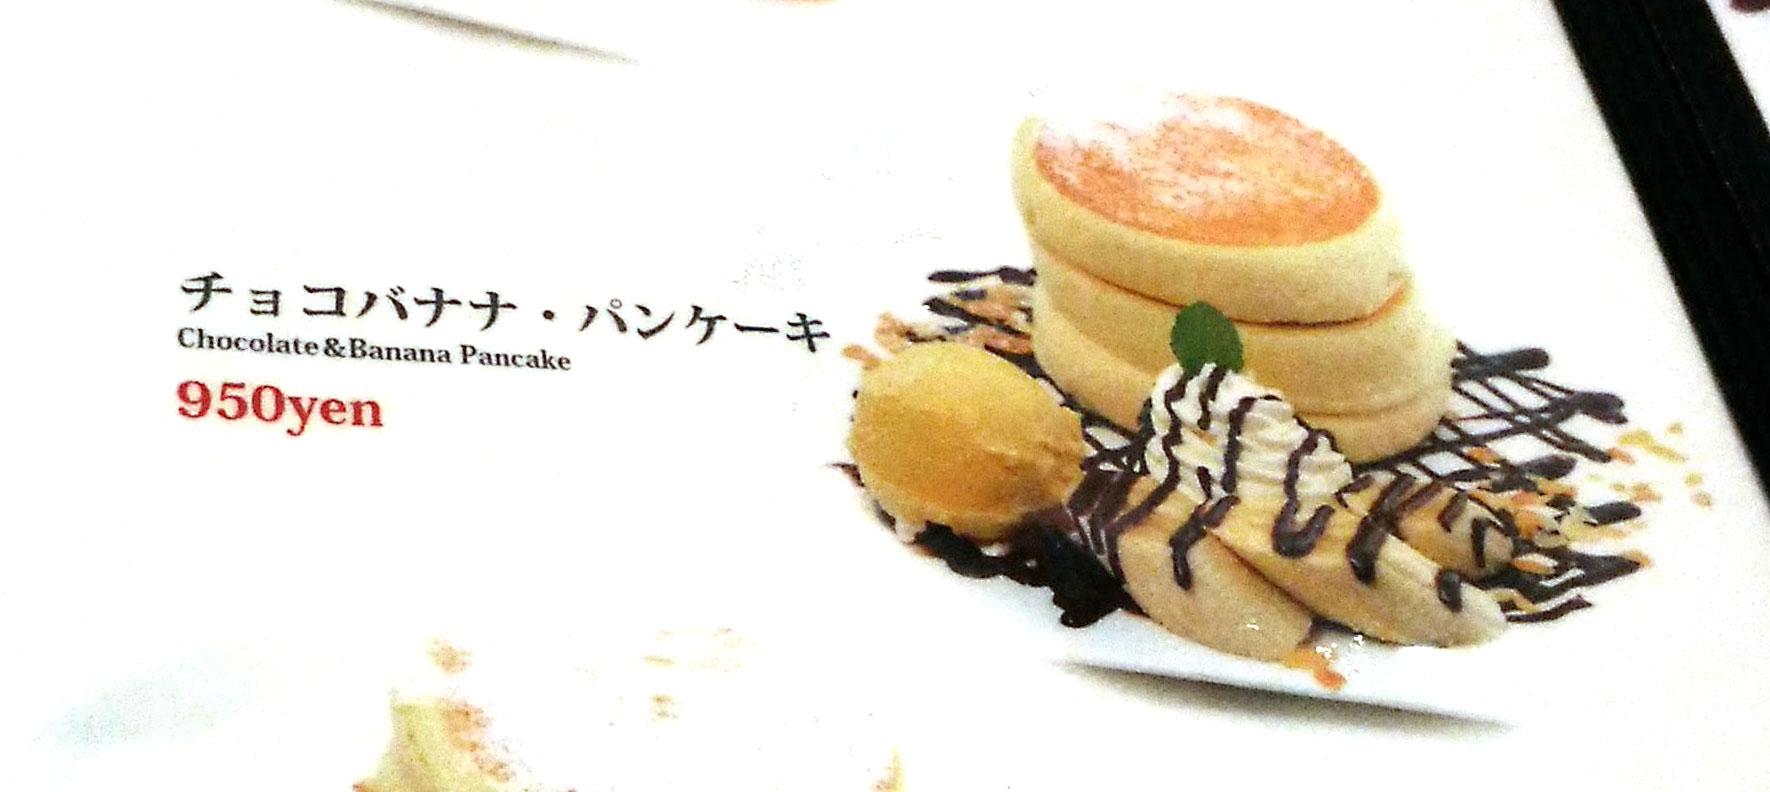 チョコバナナ・パンケーキ(950円)